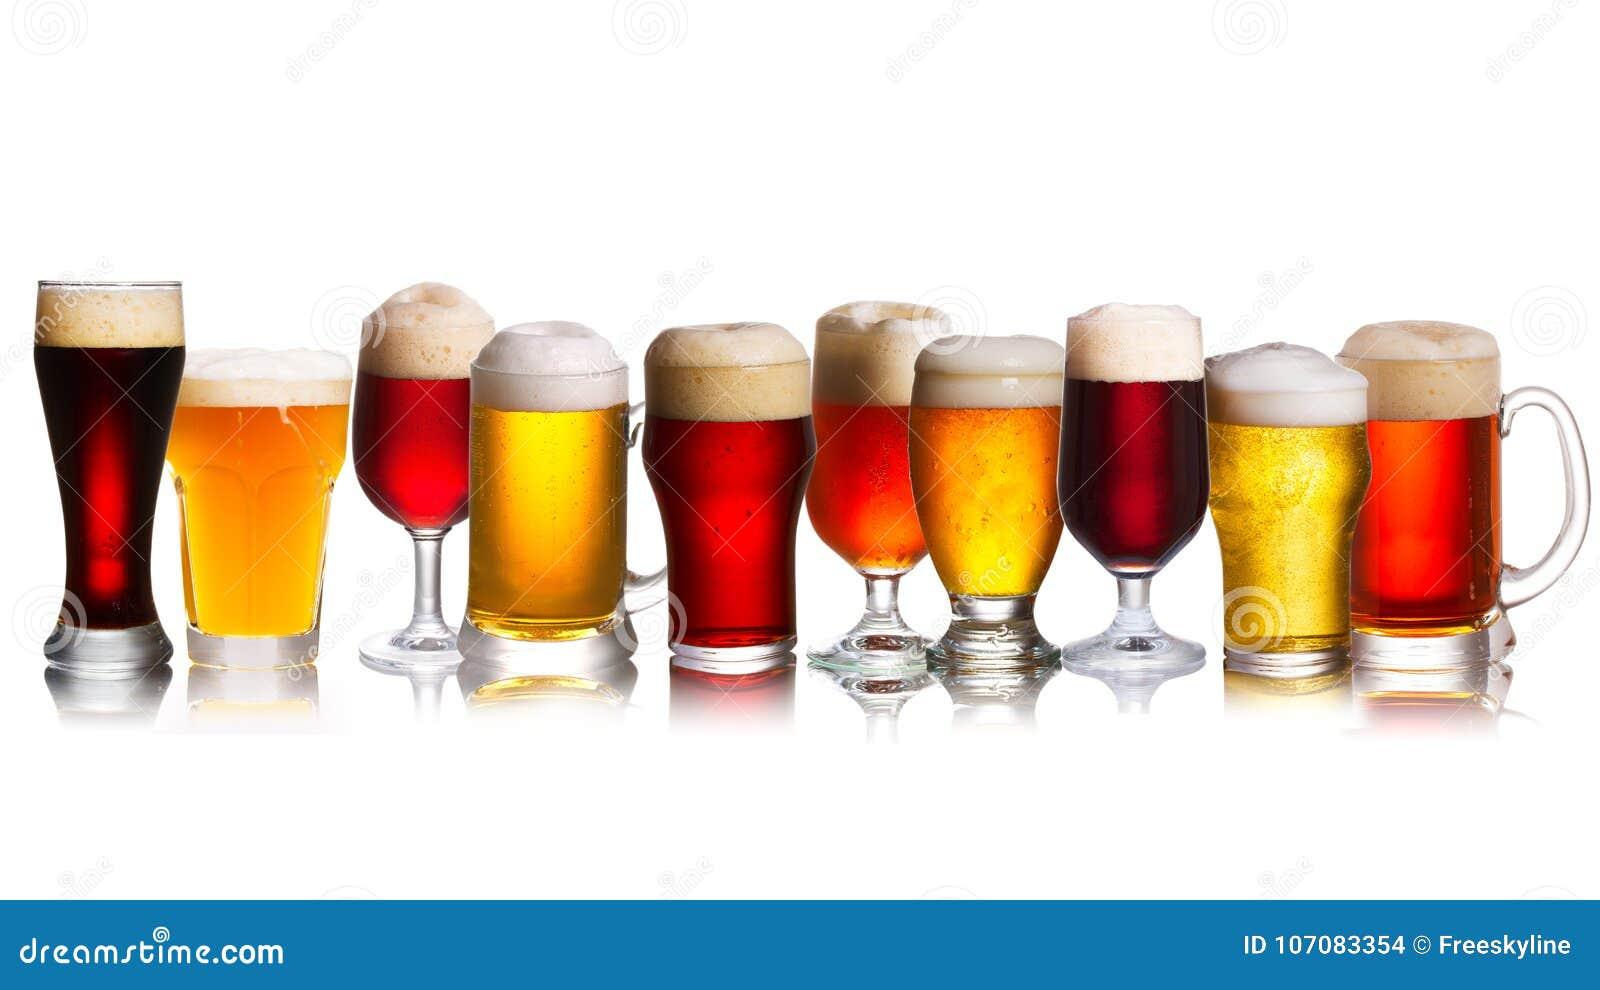 Serie van diverse soorten bieren Selectie van diverse types van bier, aal